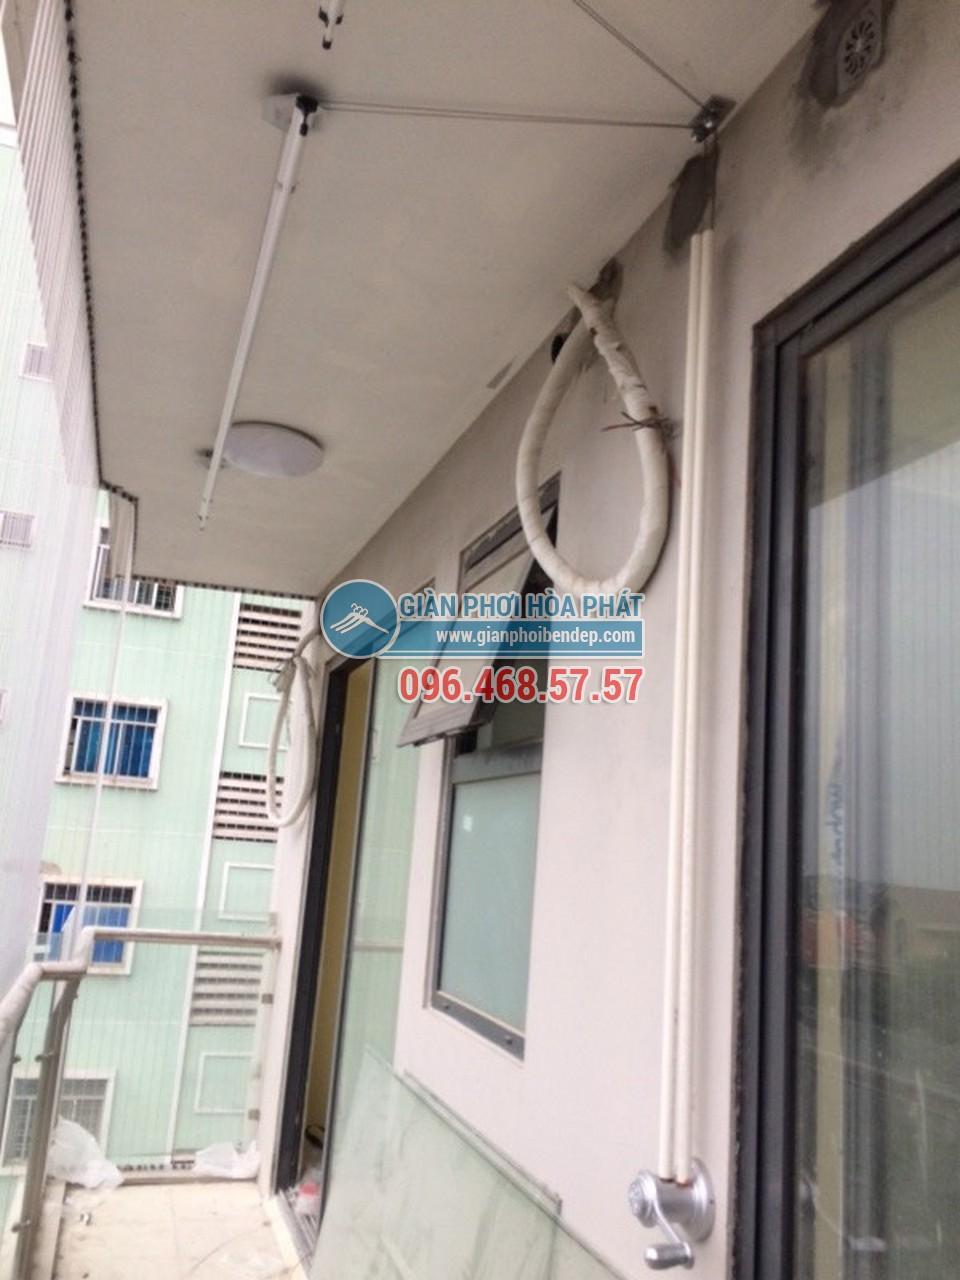 Lắp đặt giàn phơi thông minh cho ban công dài hẹp nhà anh Nam, tòa HH4 Linh Đàm - 04